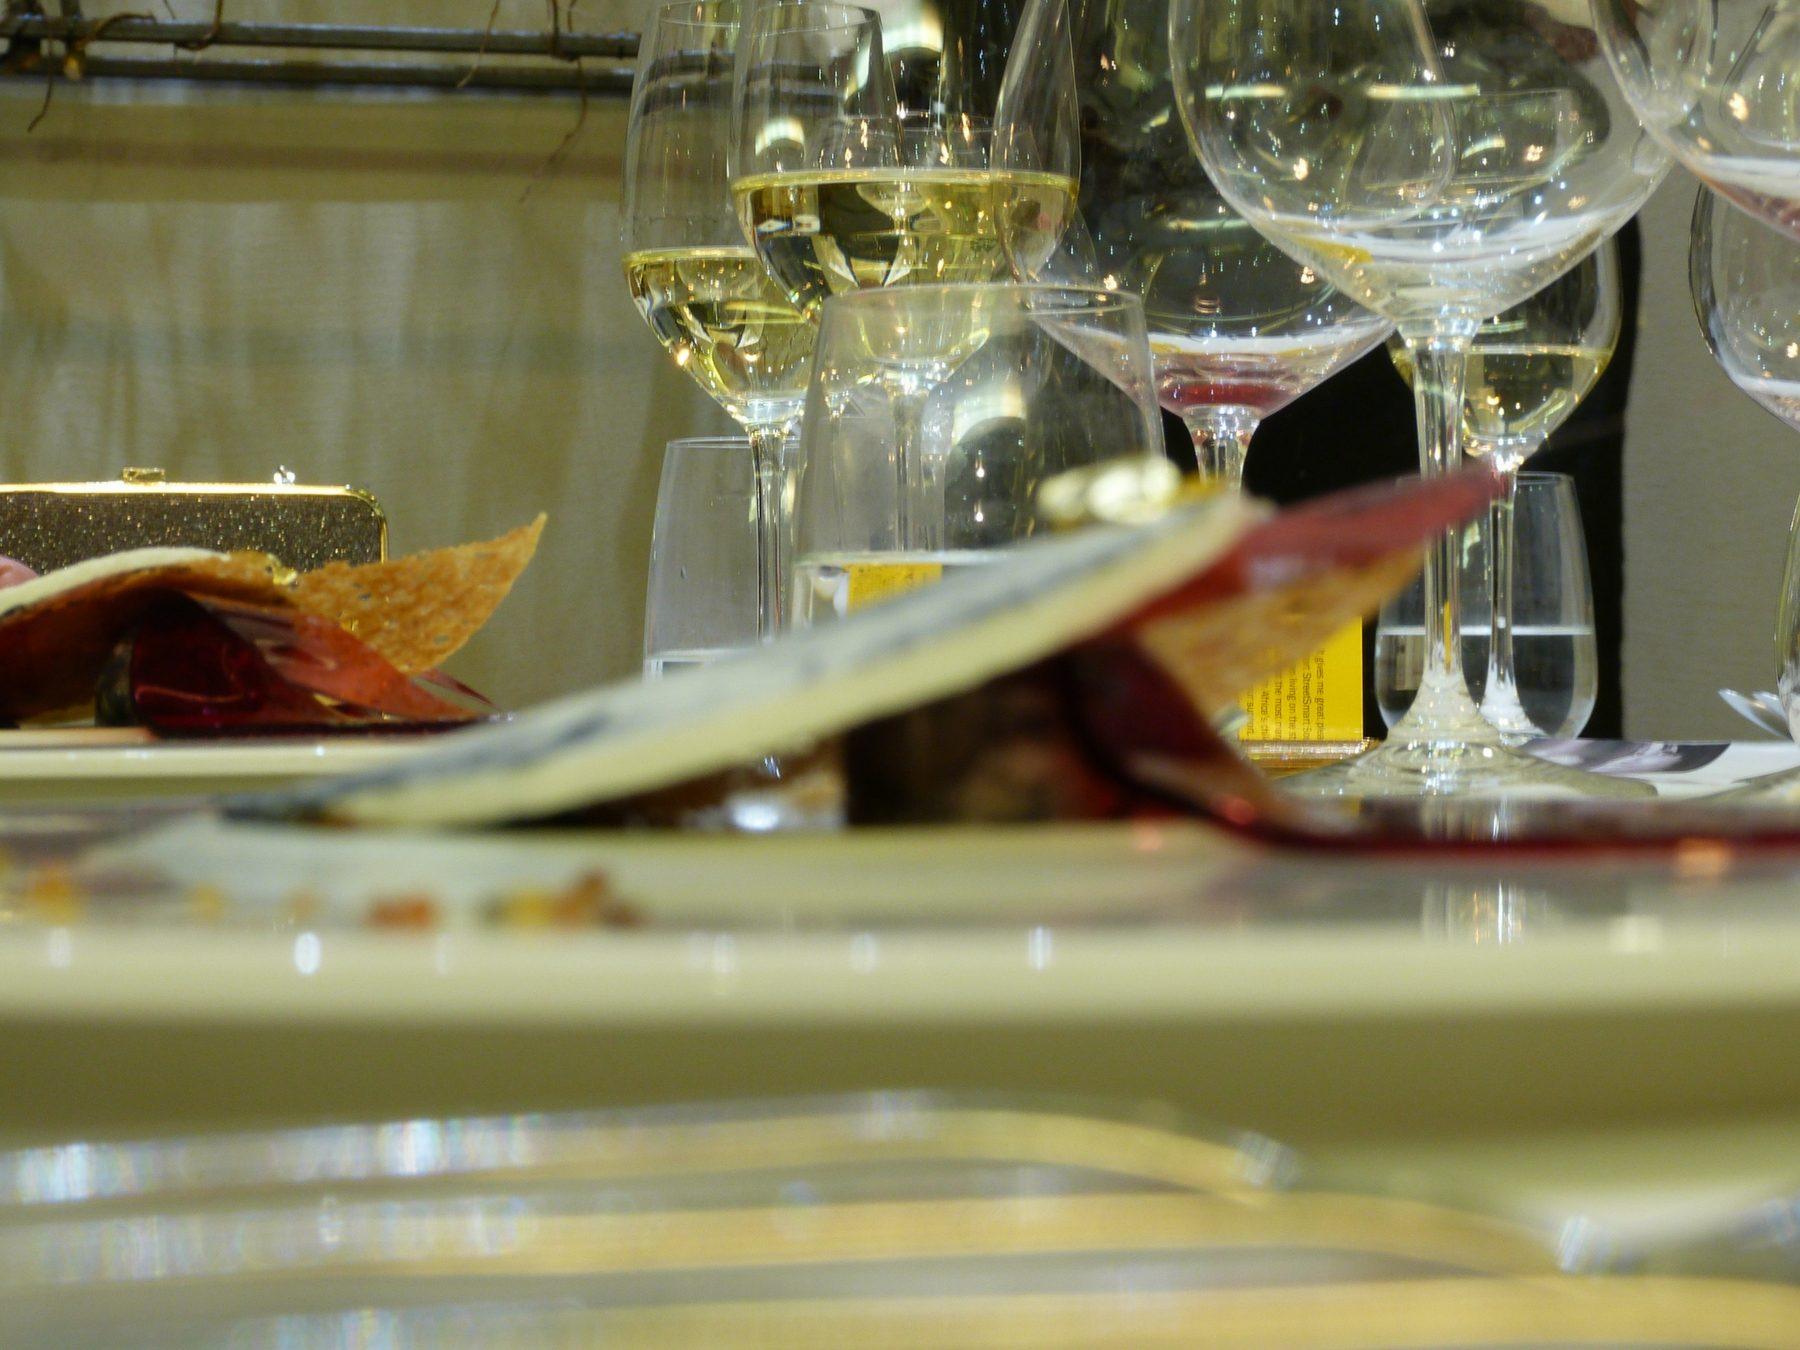 Roteiro-Cidade-do-Cabo-4-a-7-dias-waterkloof-restaurante-cape-town-1800x1350 Roteiro Cidade do Cabo 4 a 7 dias (Sensacional)!